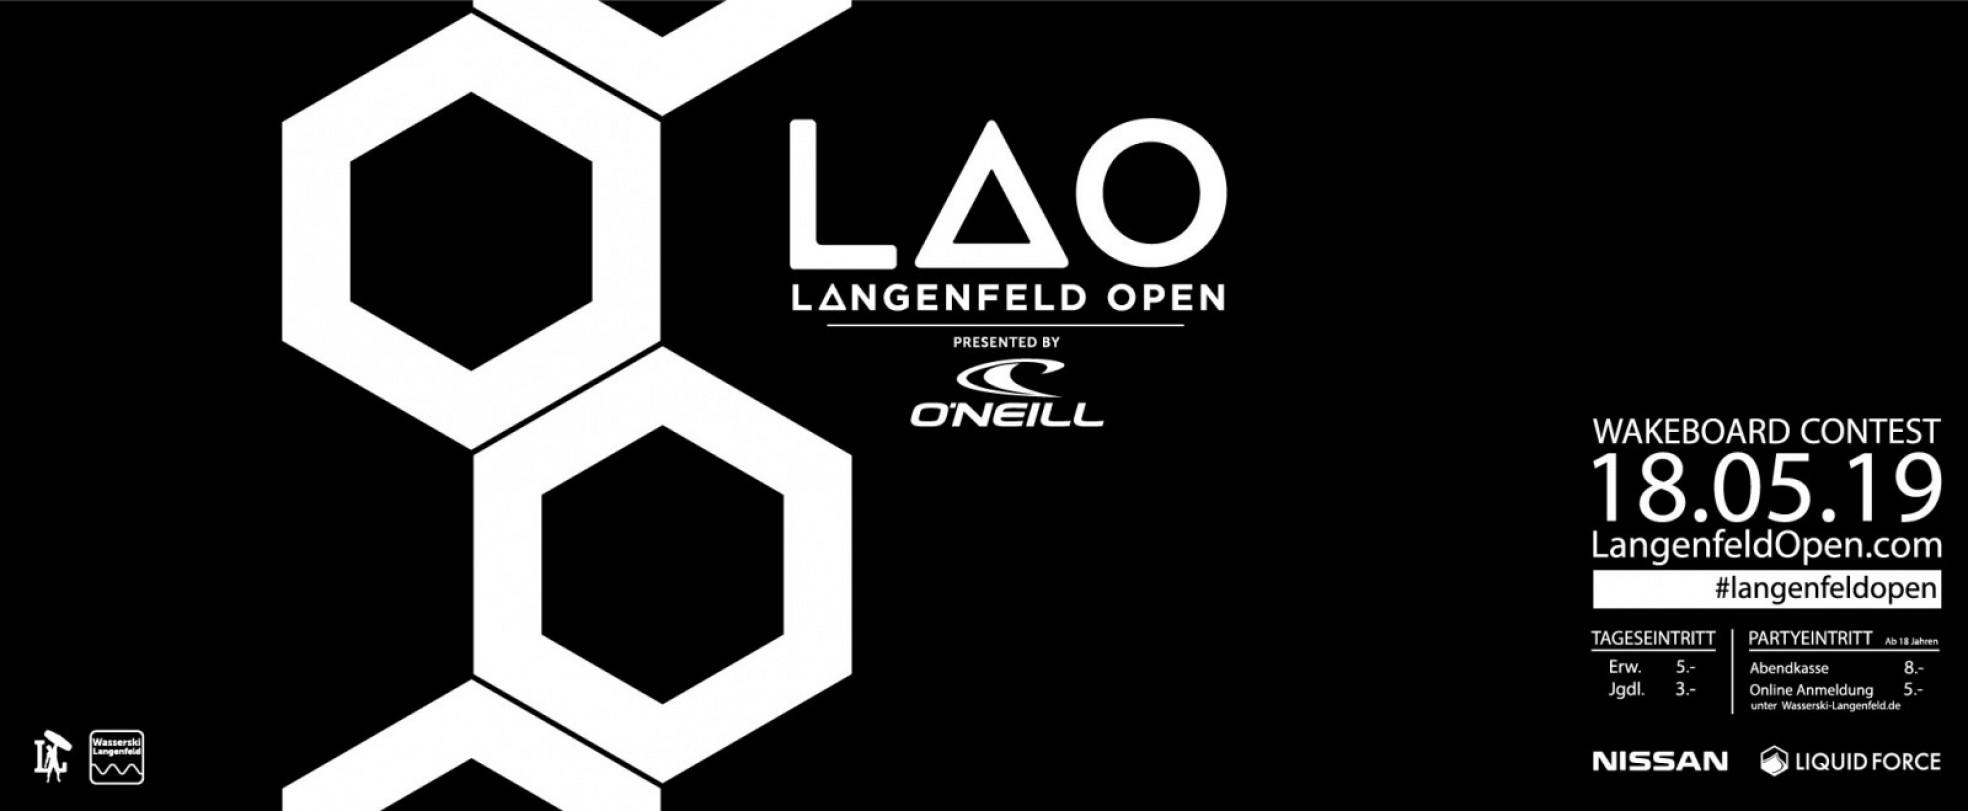 Langenfeld Open 2019